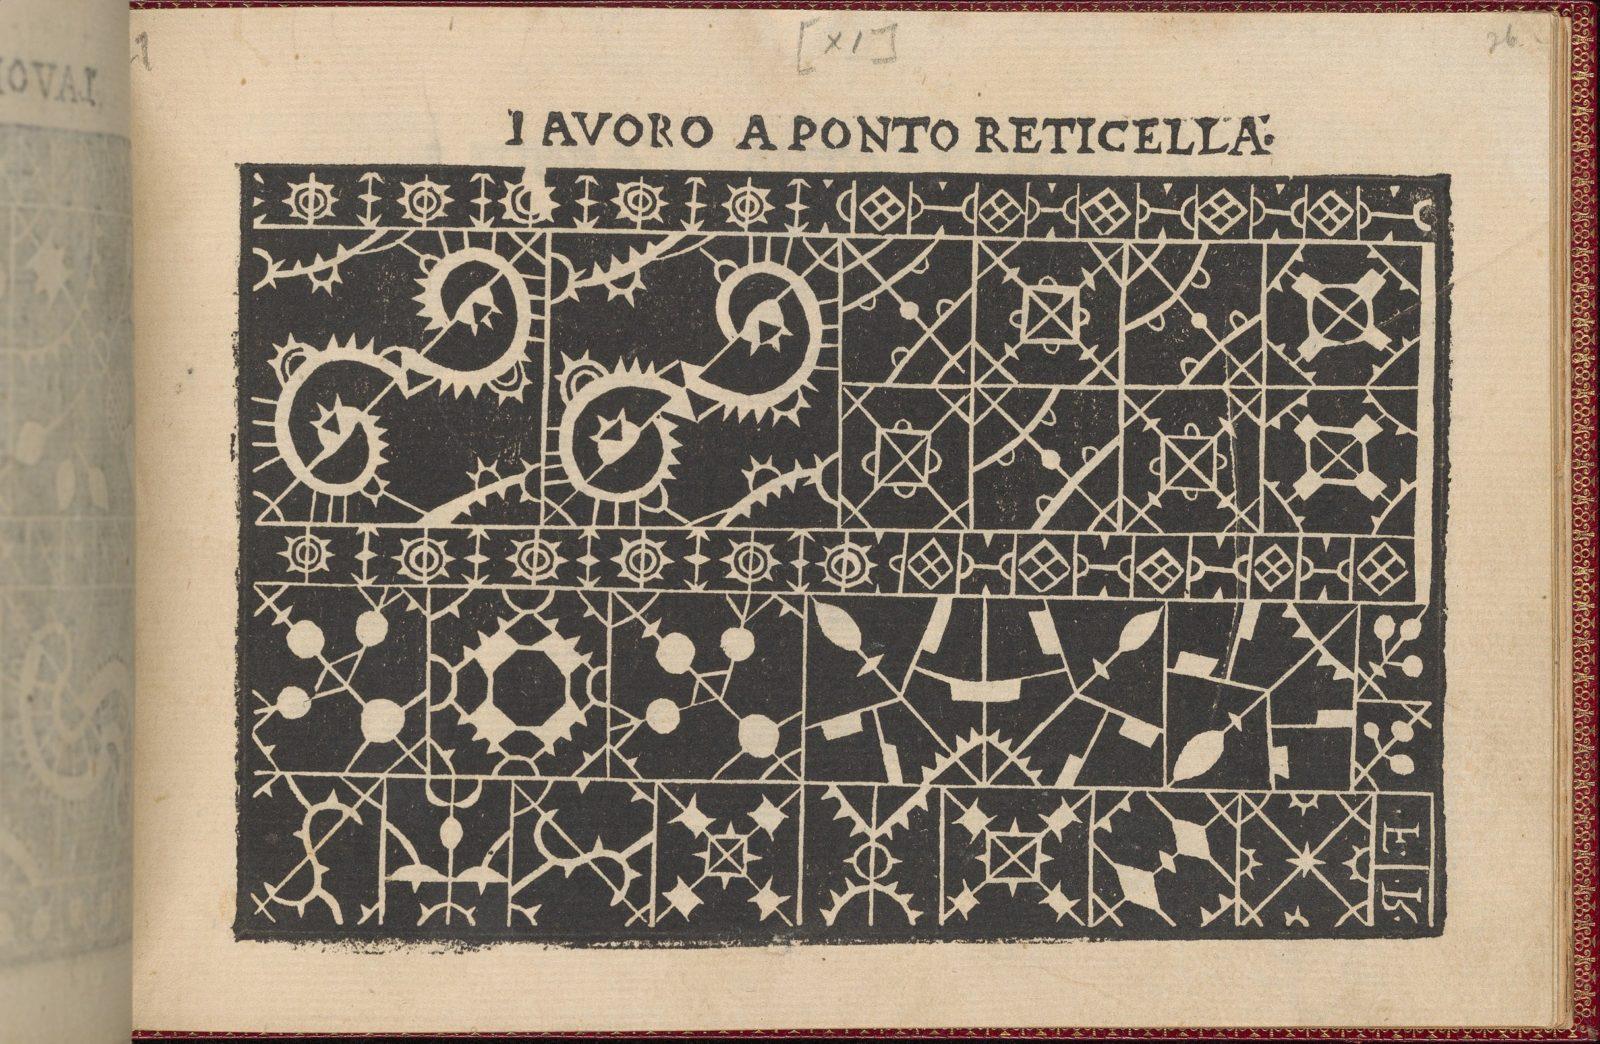 Pretiosa Gemma delle virtuose donne, page 28 (recto)